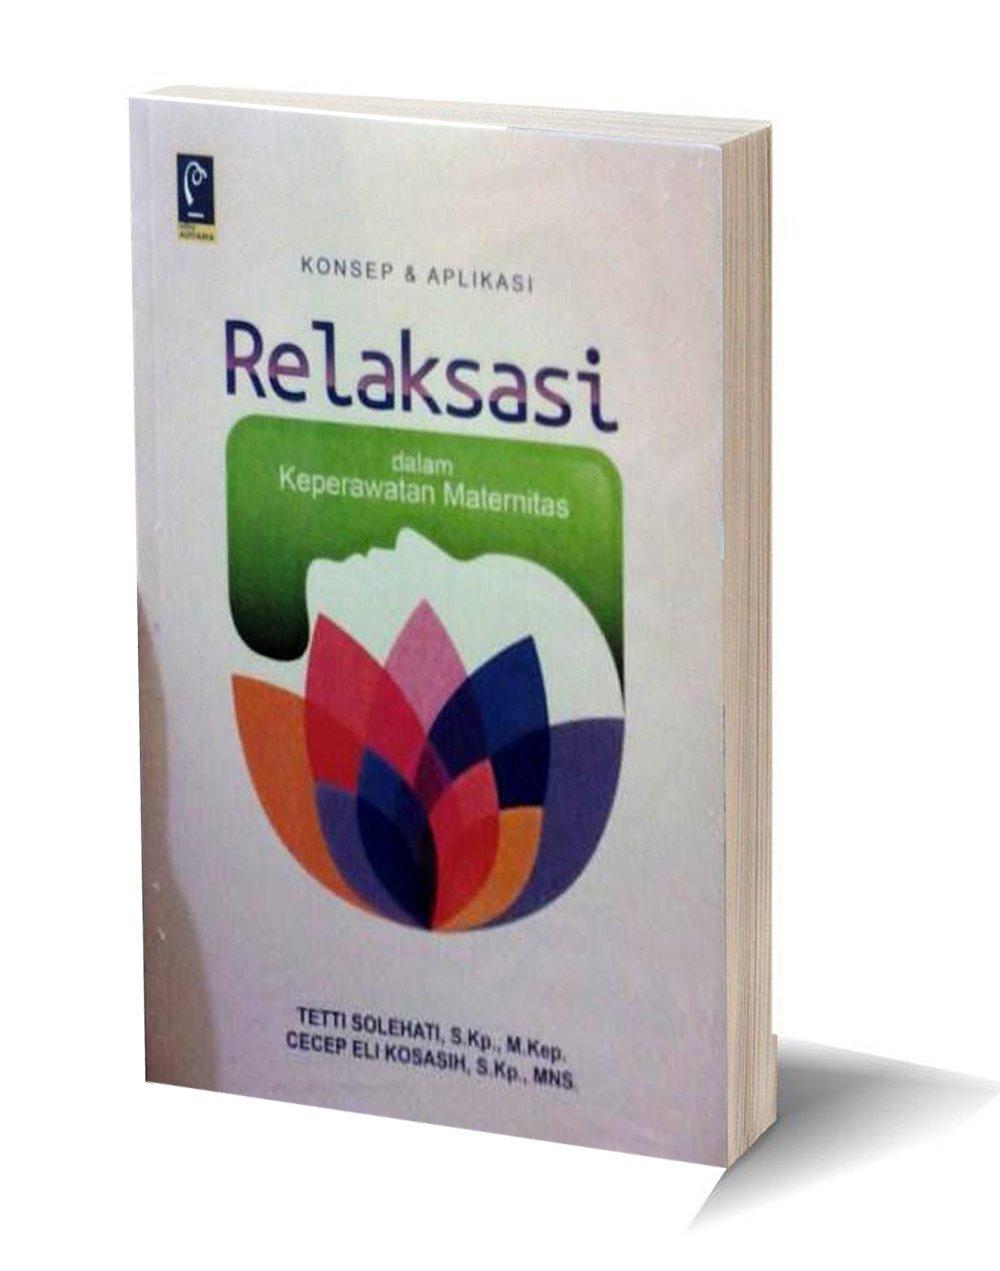 Buku Konsep & Aplikasi Relaksasi dalam Keperawatan Maternitas - Tetti Solehati, Cecep Eli Kosasih